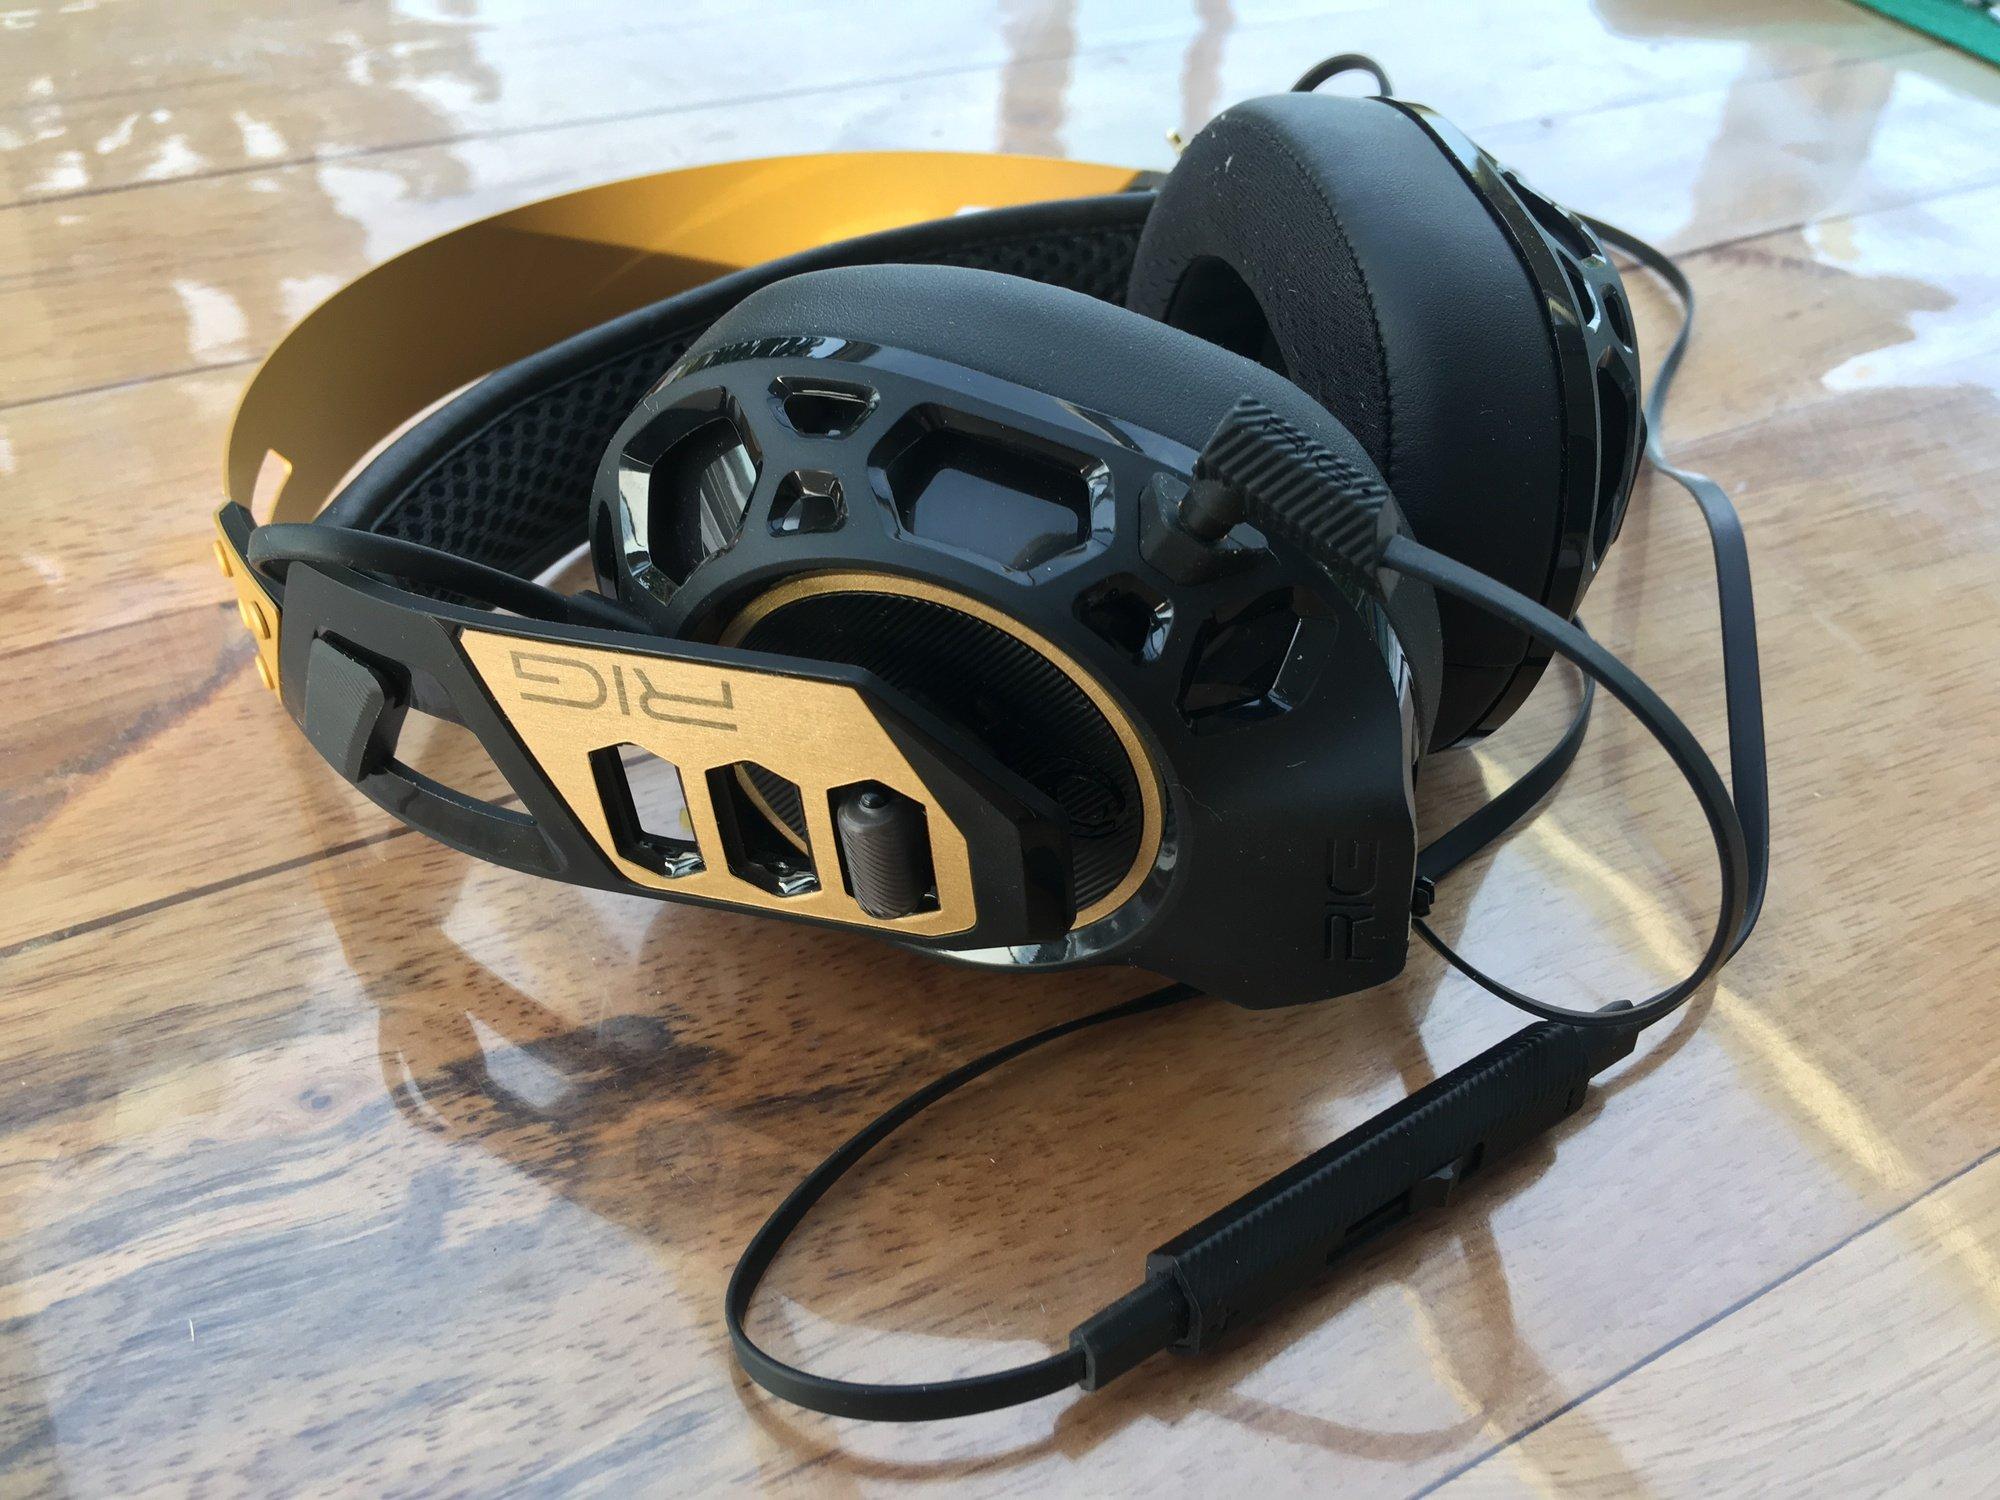 Plantronics RIG 500 Pro : Test complet - Audio - Le Café du Geek